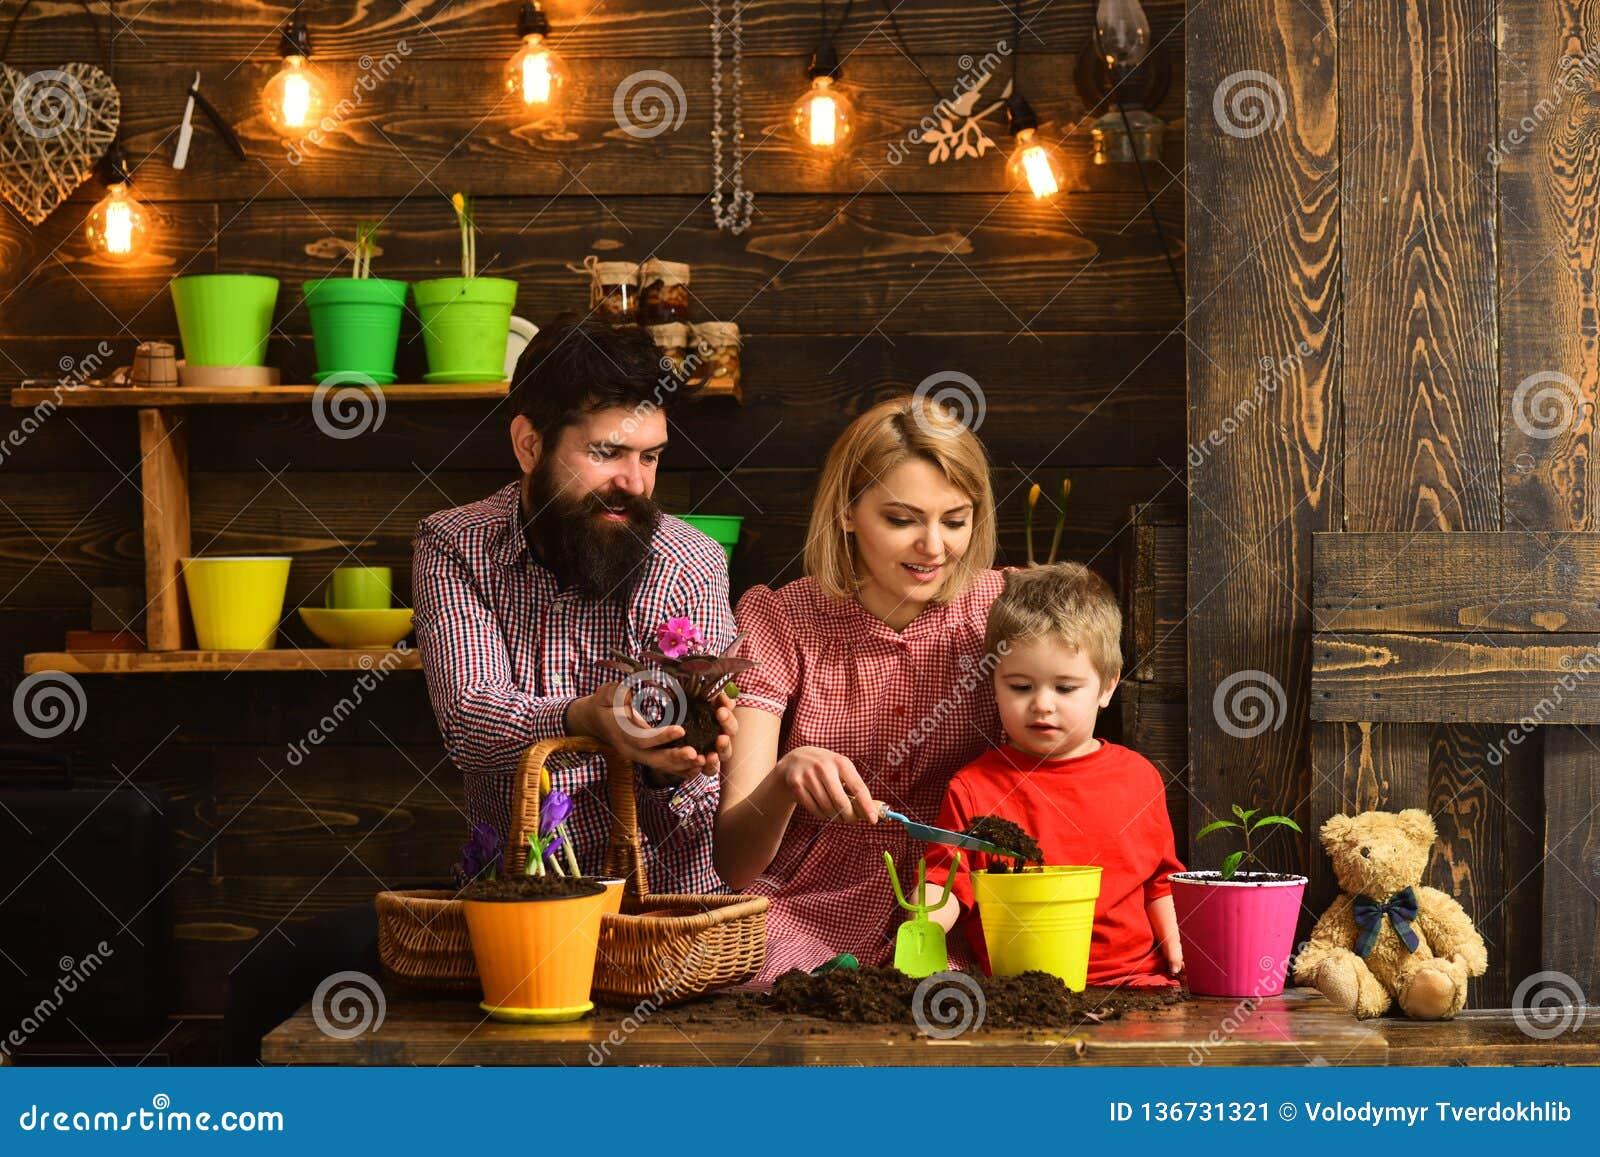 Kobiety, mężczyzny i chłopiec dziecko, kocha naturę Kwiat opieki podlewanie Glebowi użyźniacze Rodzinny dzień charcica Szczęśliwy